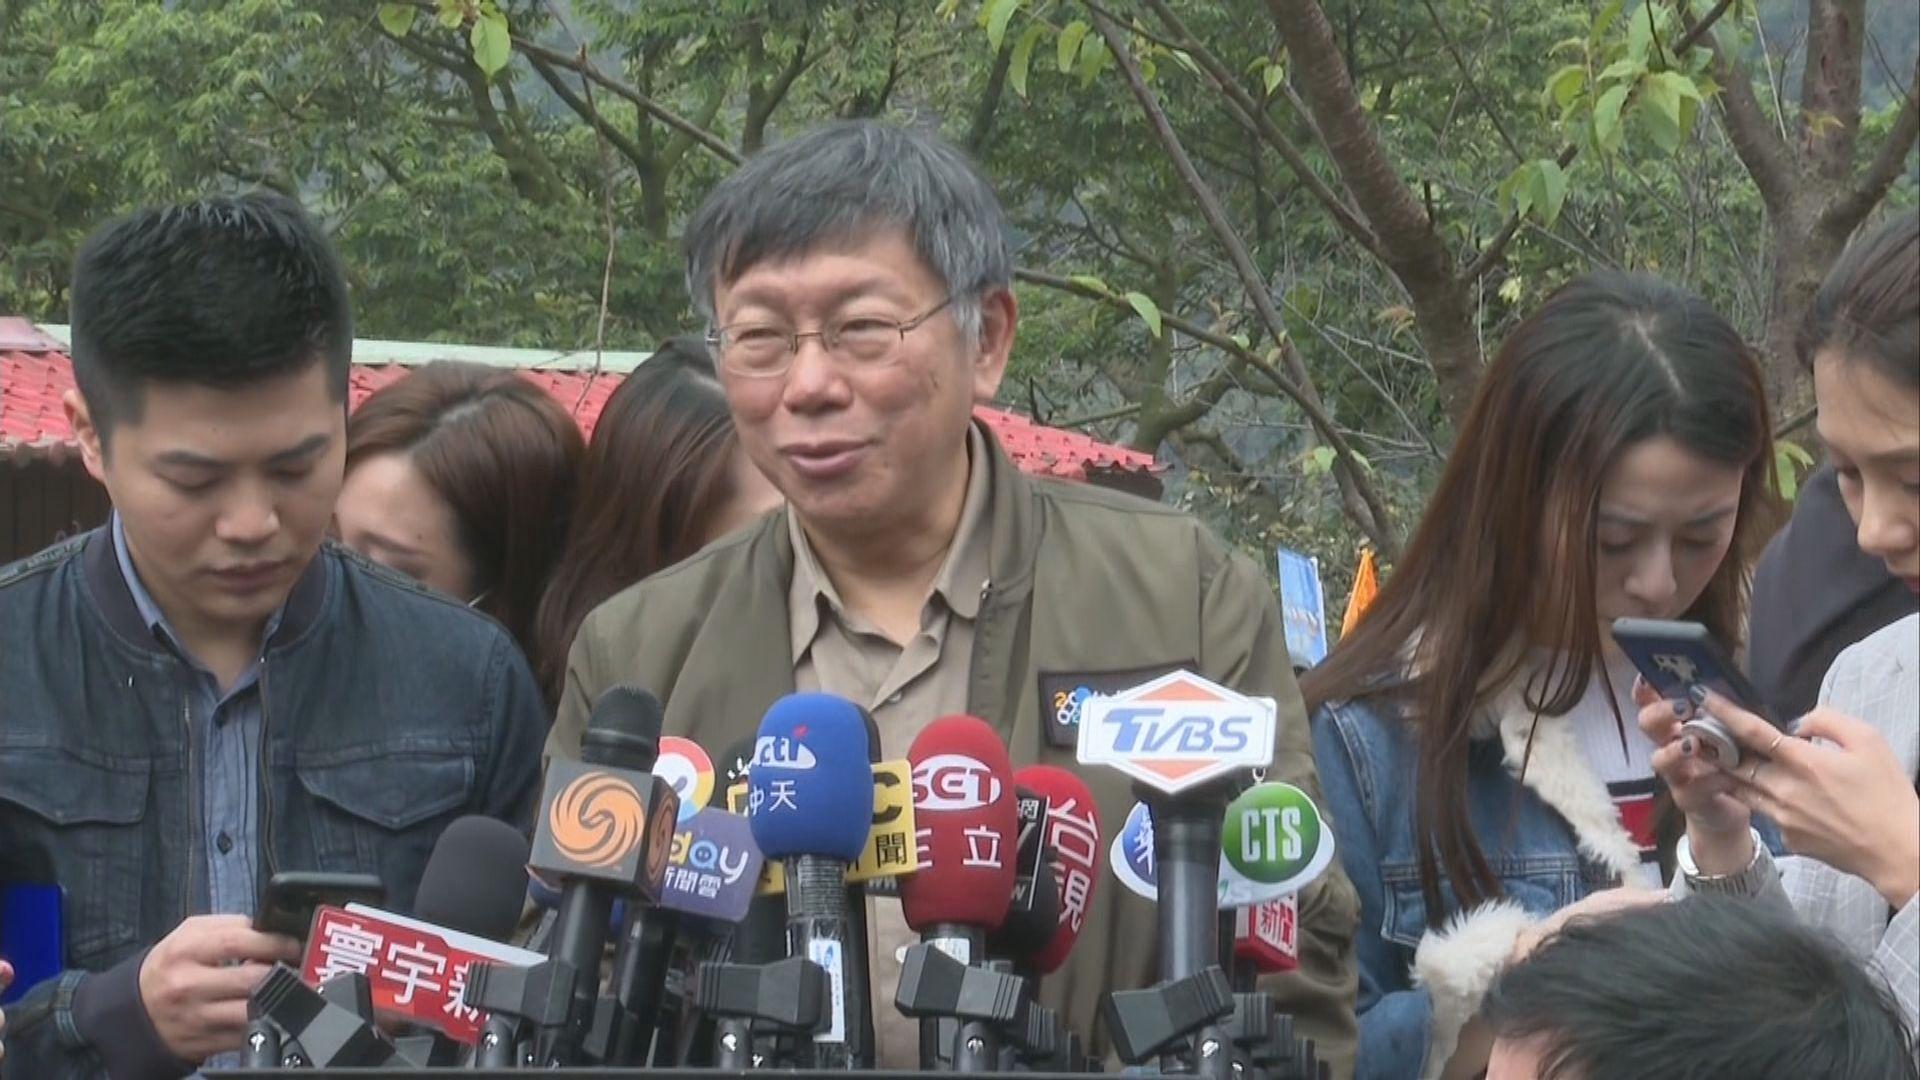 三名港人在台北違反檢疫規定 各罰七萬新台幣